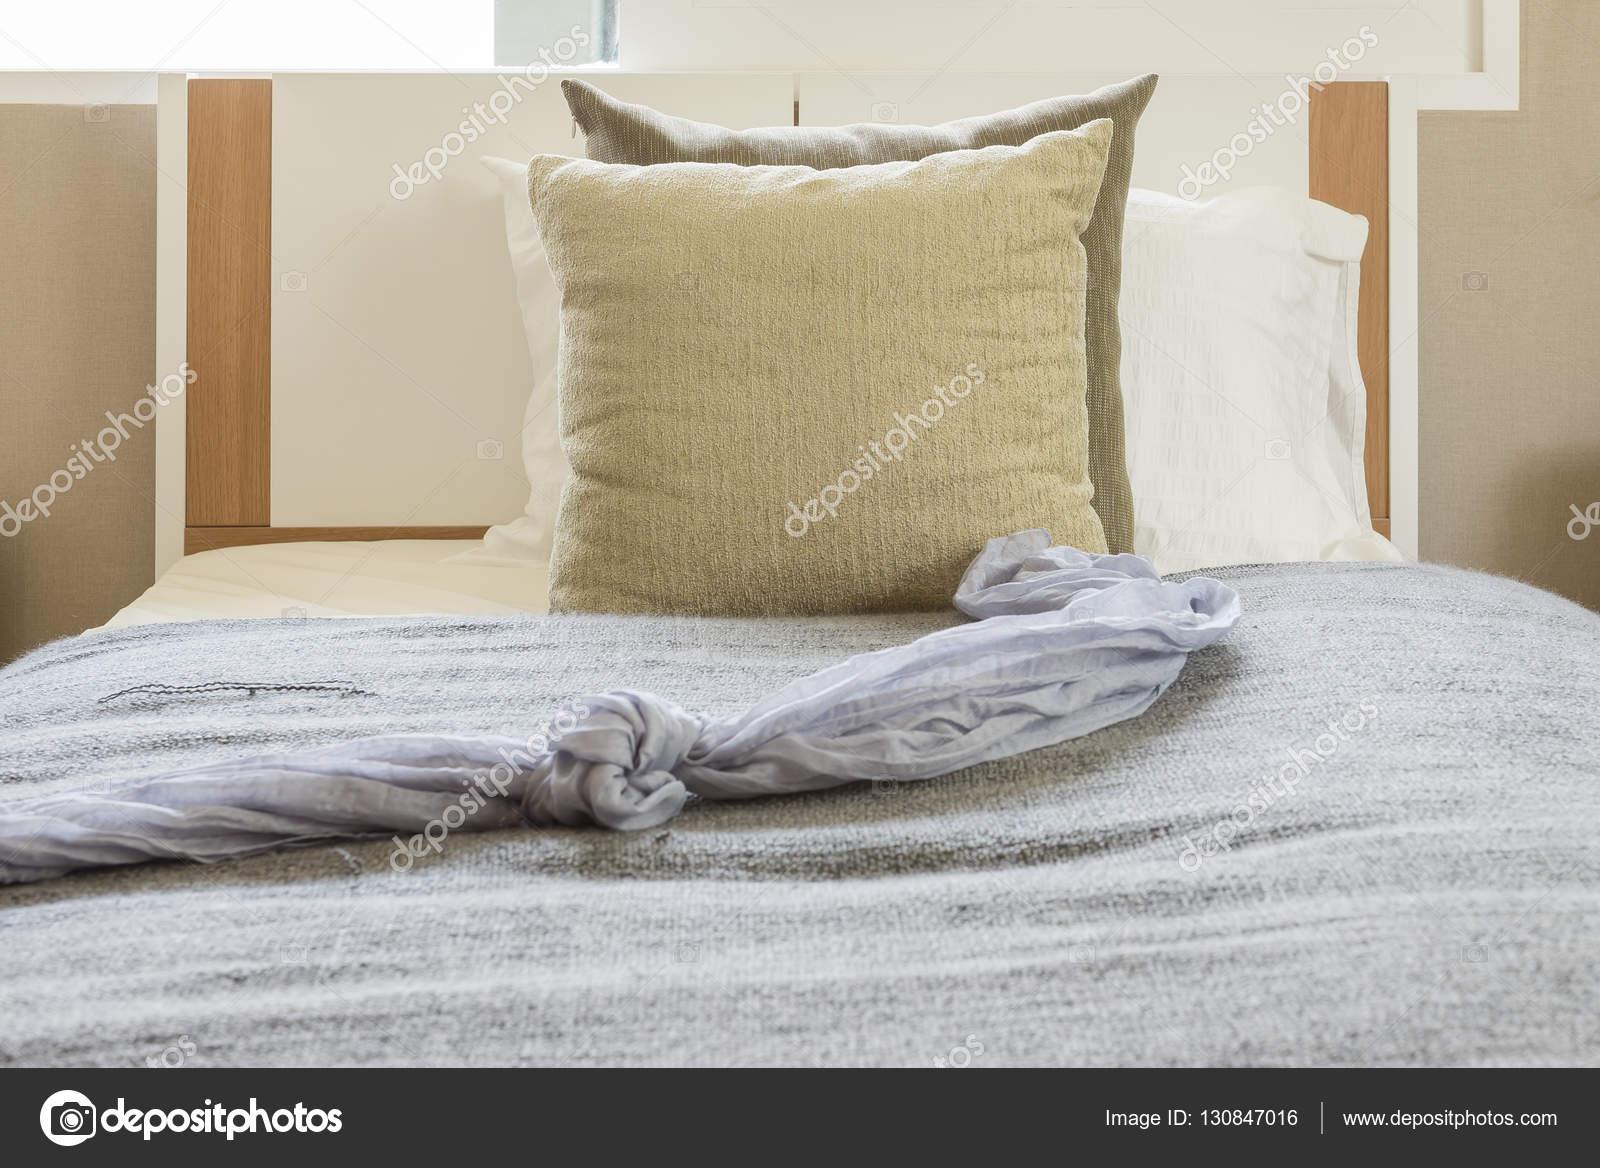 lit moderne blanc avec des oreillers en chambre individuelle moderne ...